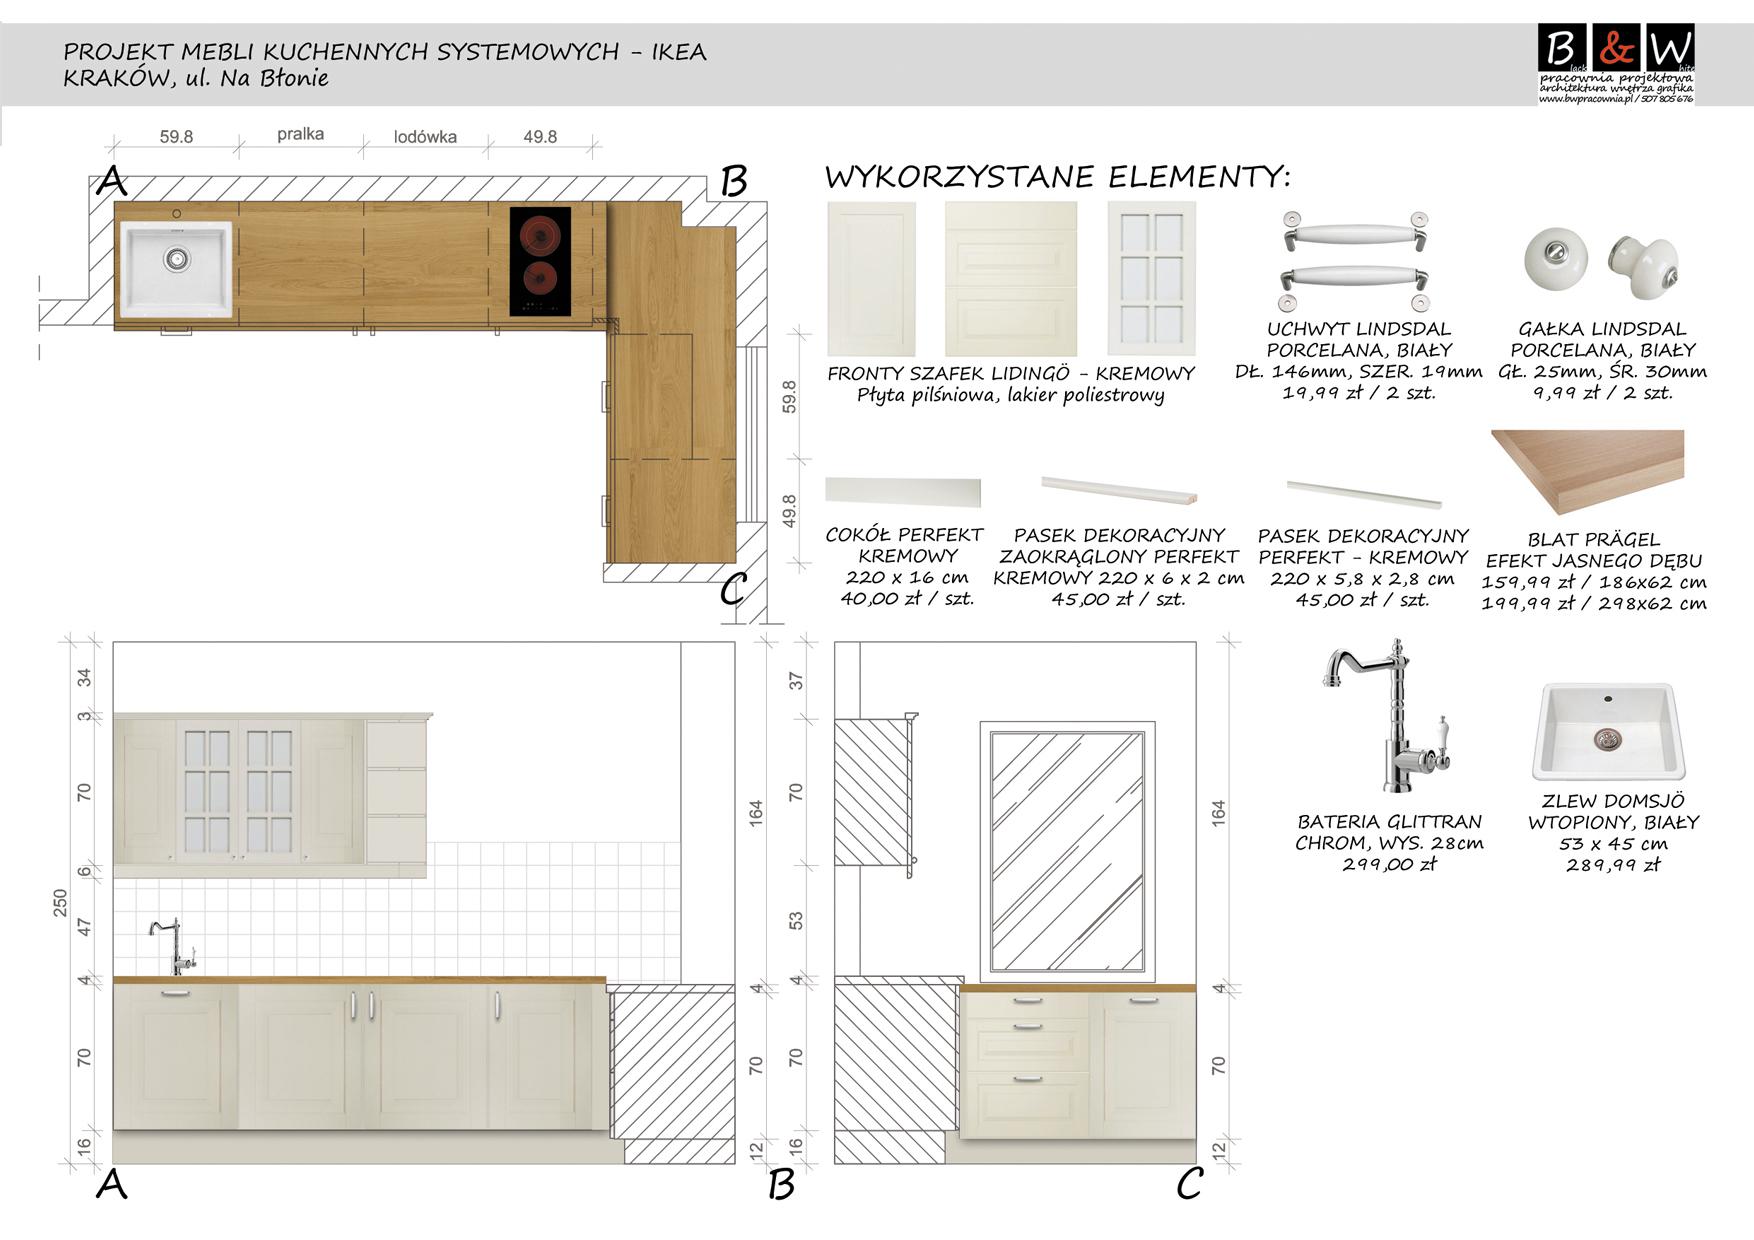 Projektowanie kuchni i mebli IKEA Kraków - Oferta nr 76004 - Oferteo.pl